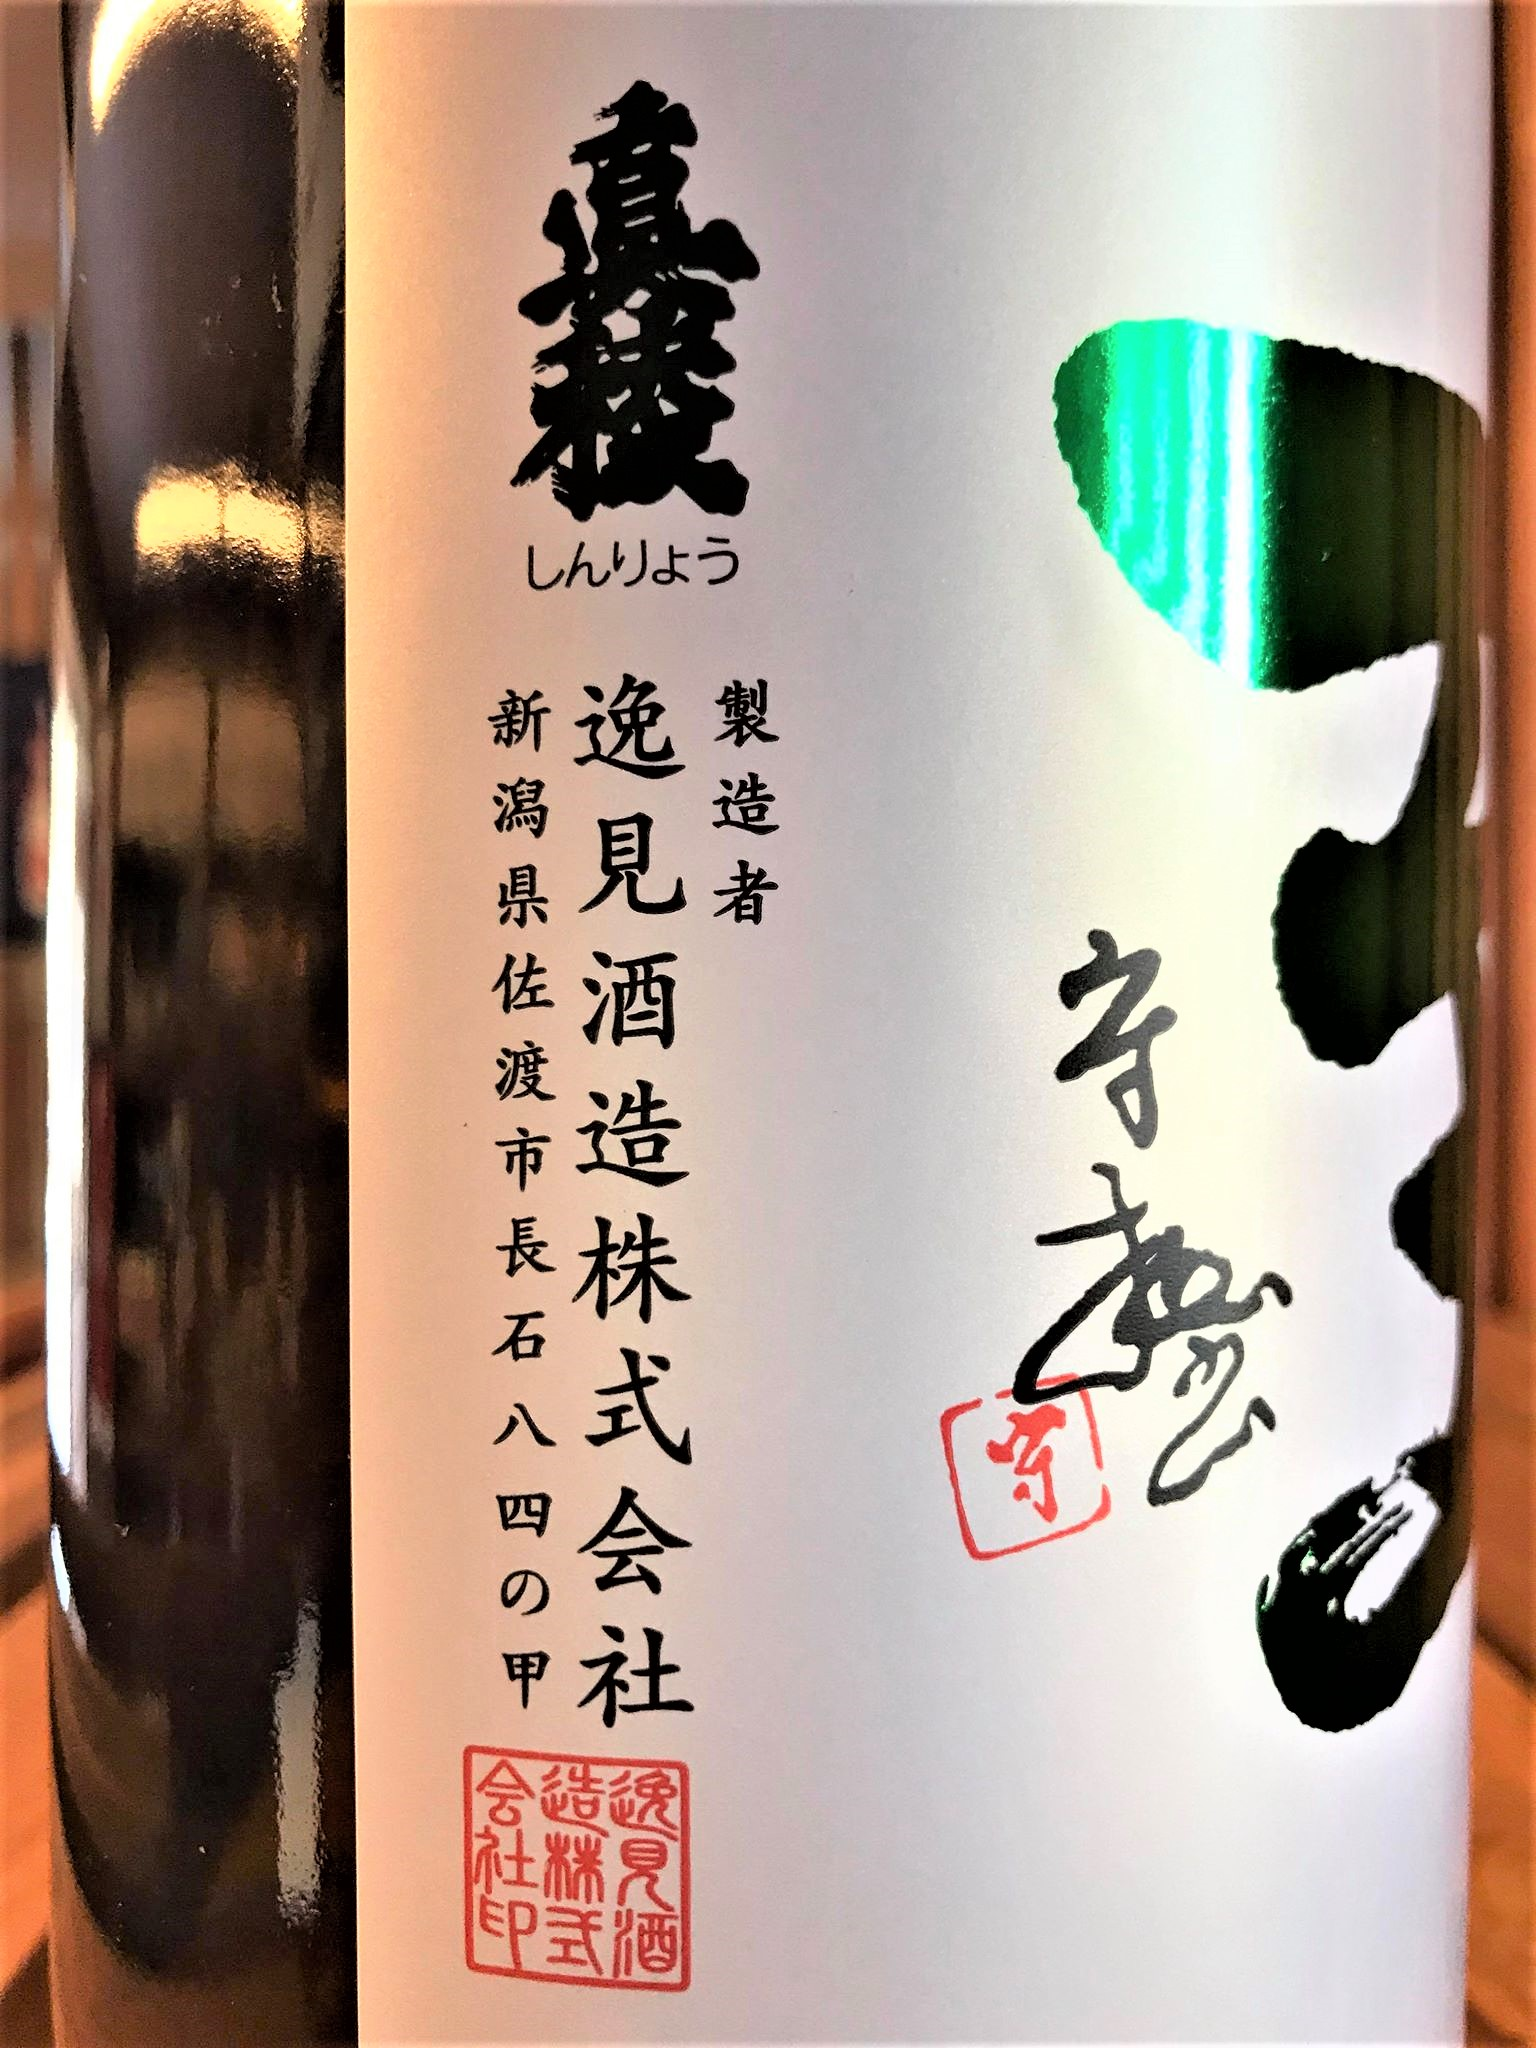 【日本酒】至 ITARU 純米 無濾過生原酒 五百万石仕込み 蔵元特別限定蔵出し 新酒令和1BY🆕_e0173738_1437583.jpg